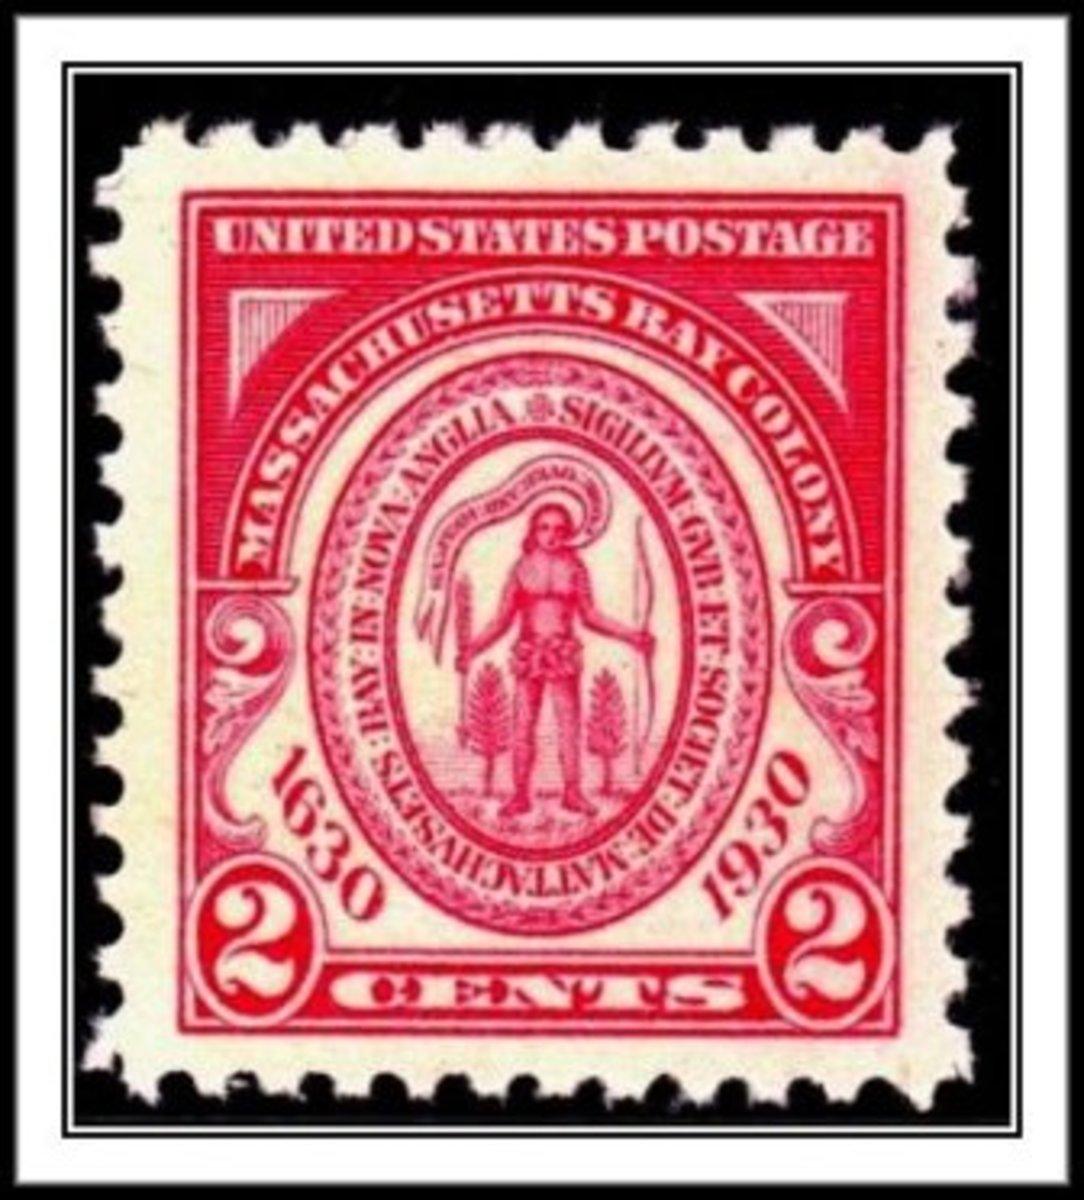 300th Anniversary Stamp